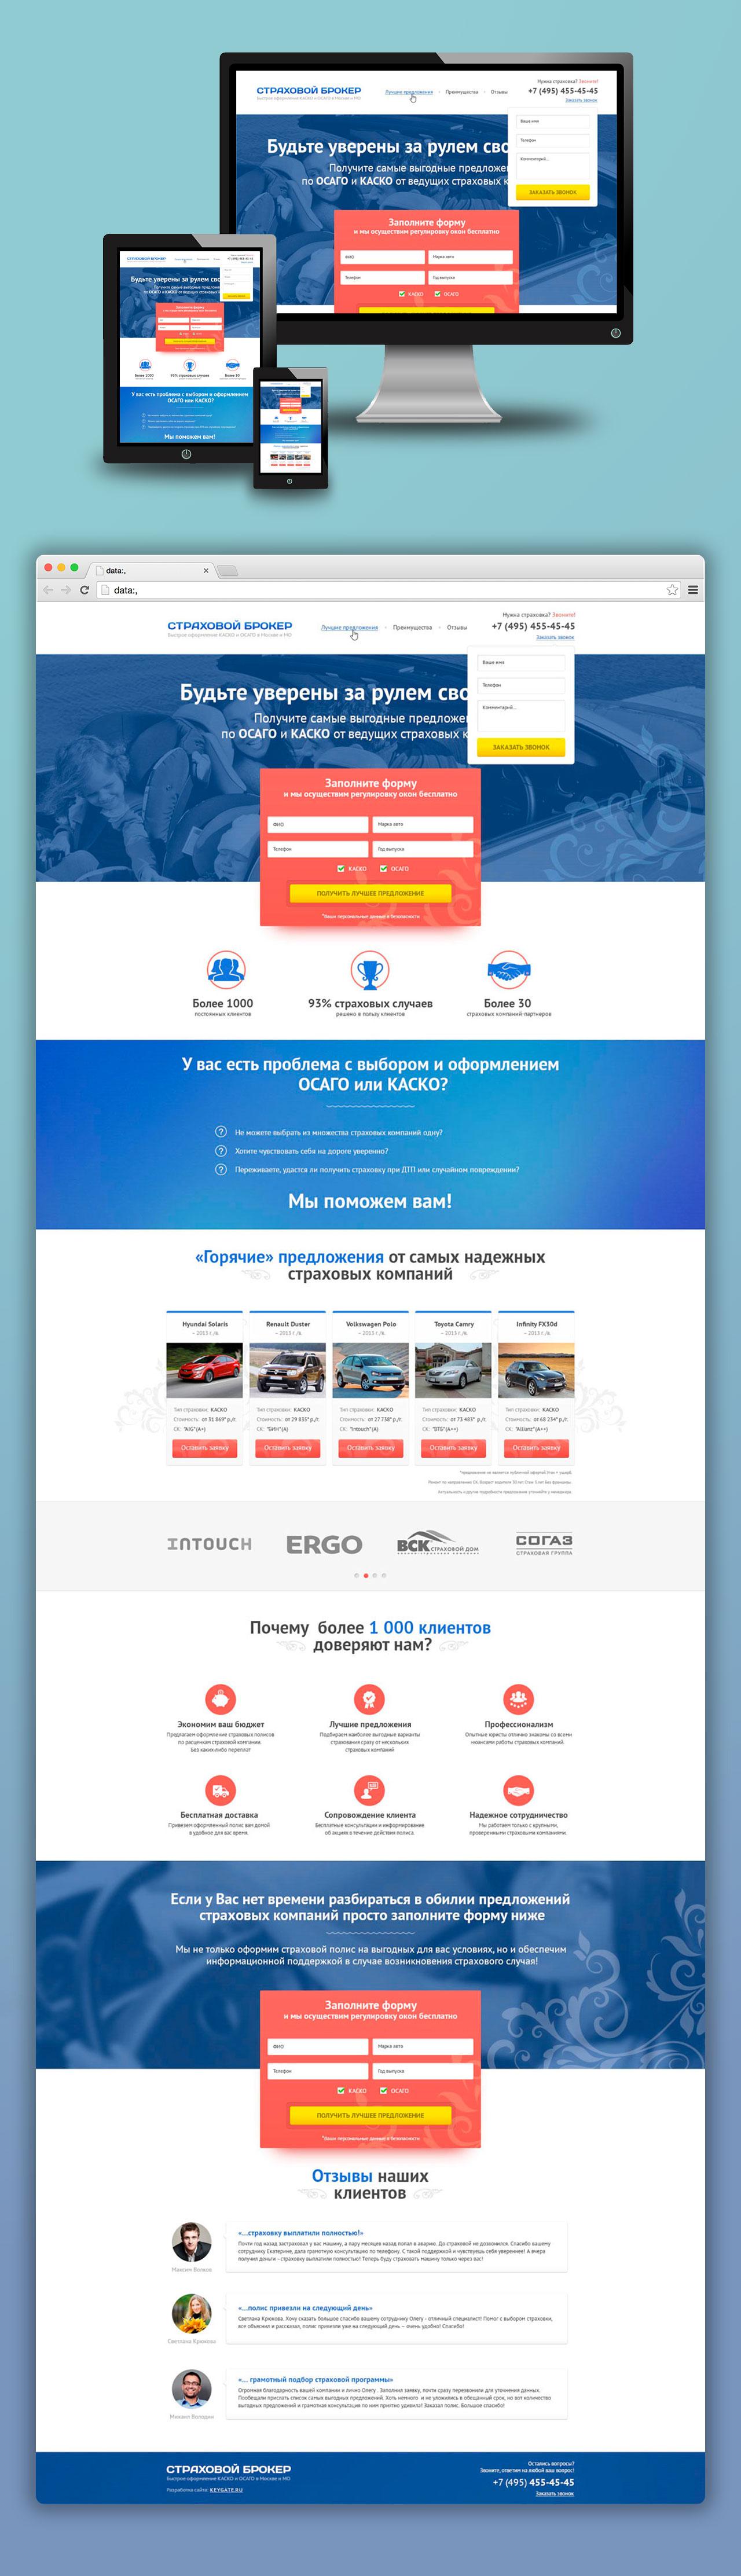 Дизайн Landing Page для брокера по автострахованию Автоброкер